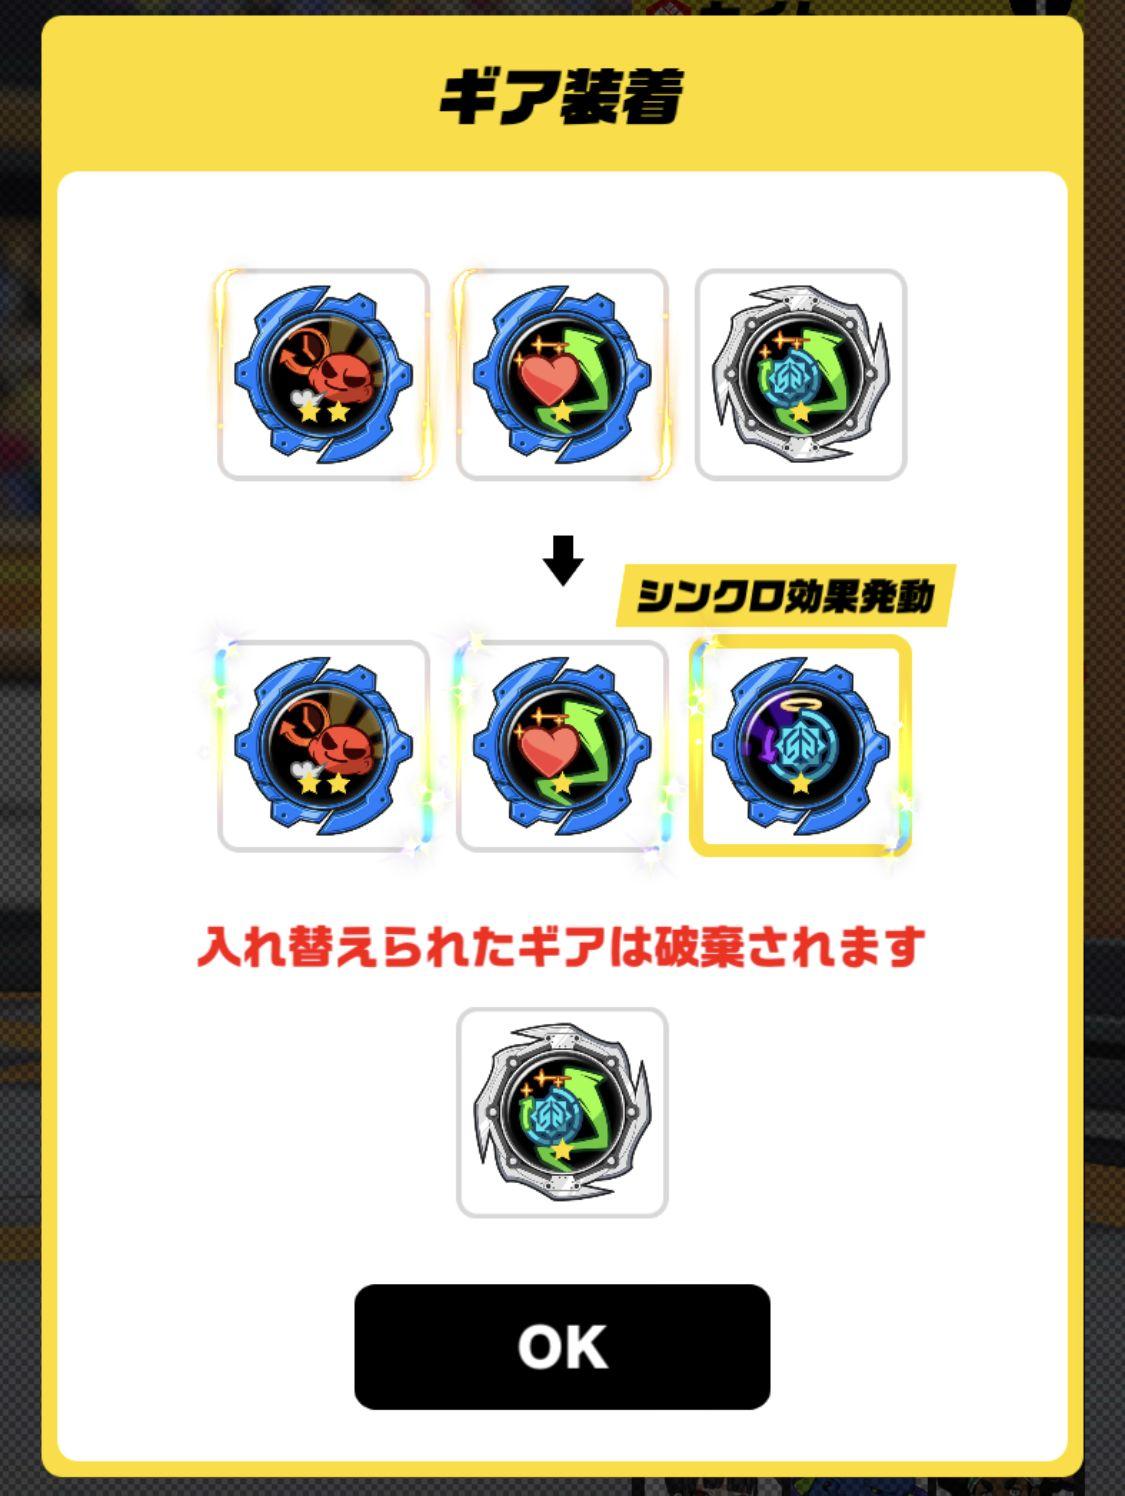 キックフライト【攻略】:キッカーをカスタマイズ!ギアの使い方と入手方法を解説